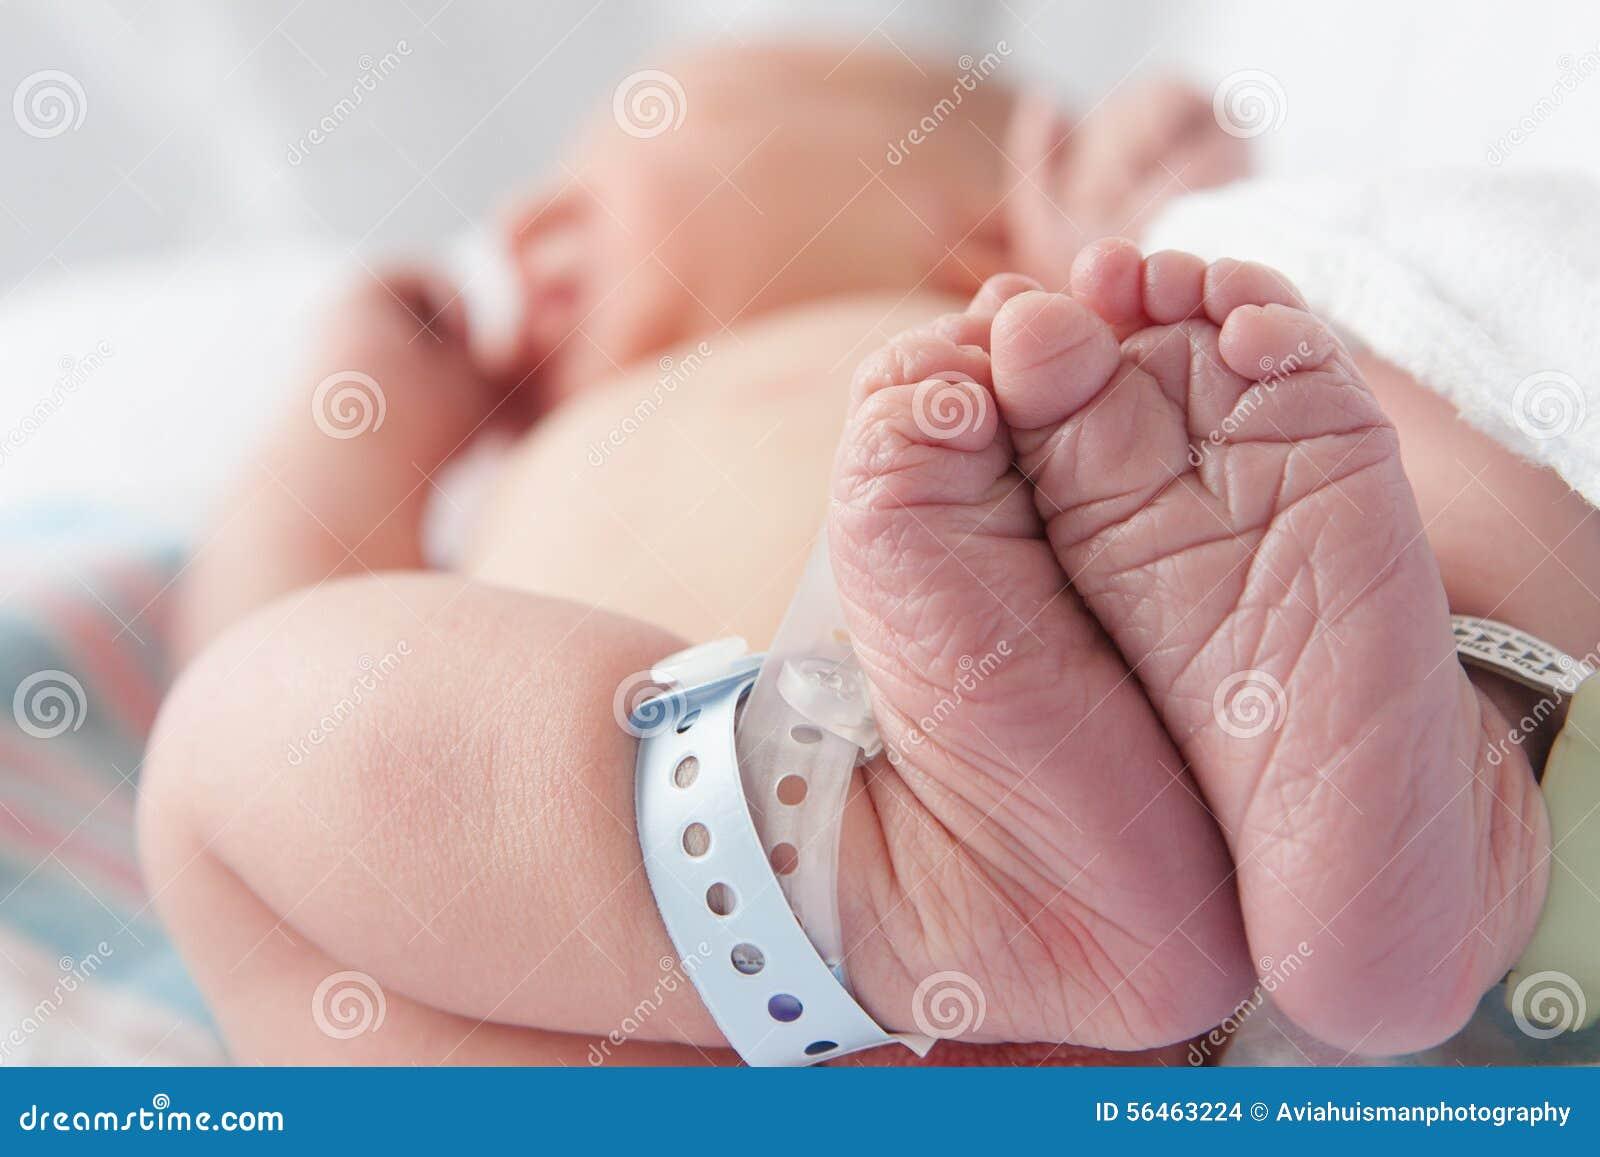 Pasgeboren voeten